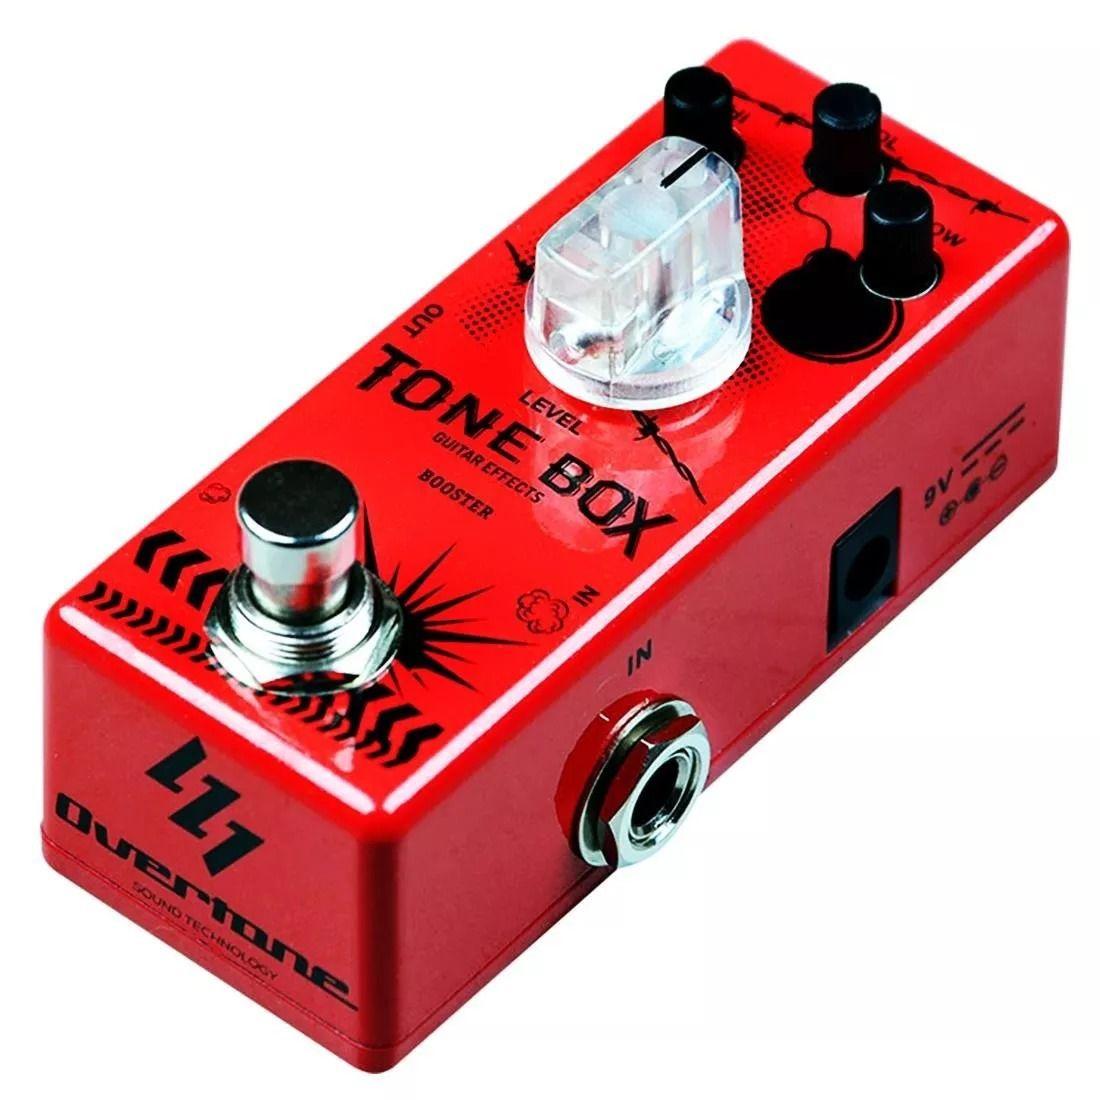 Pedal Overtone Tone Box Booster